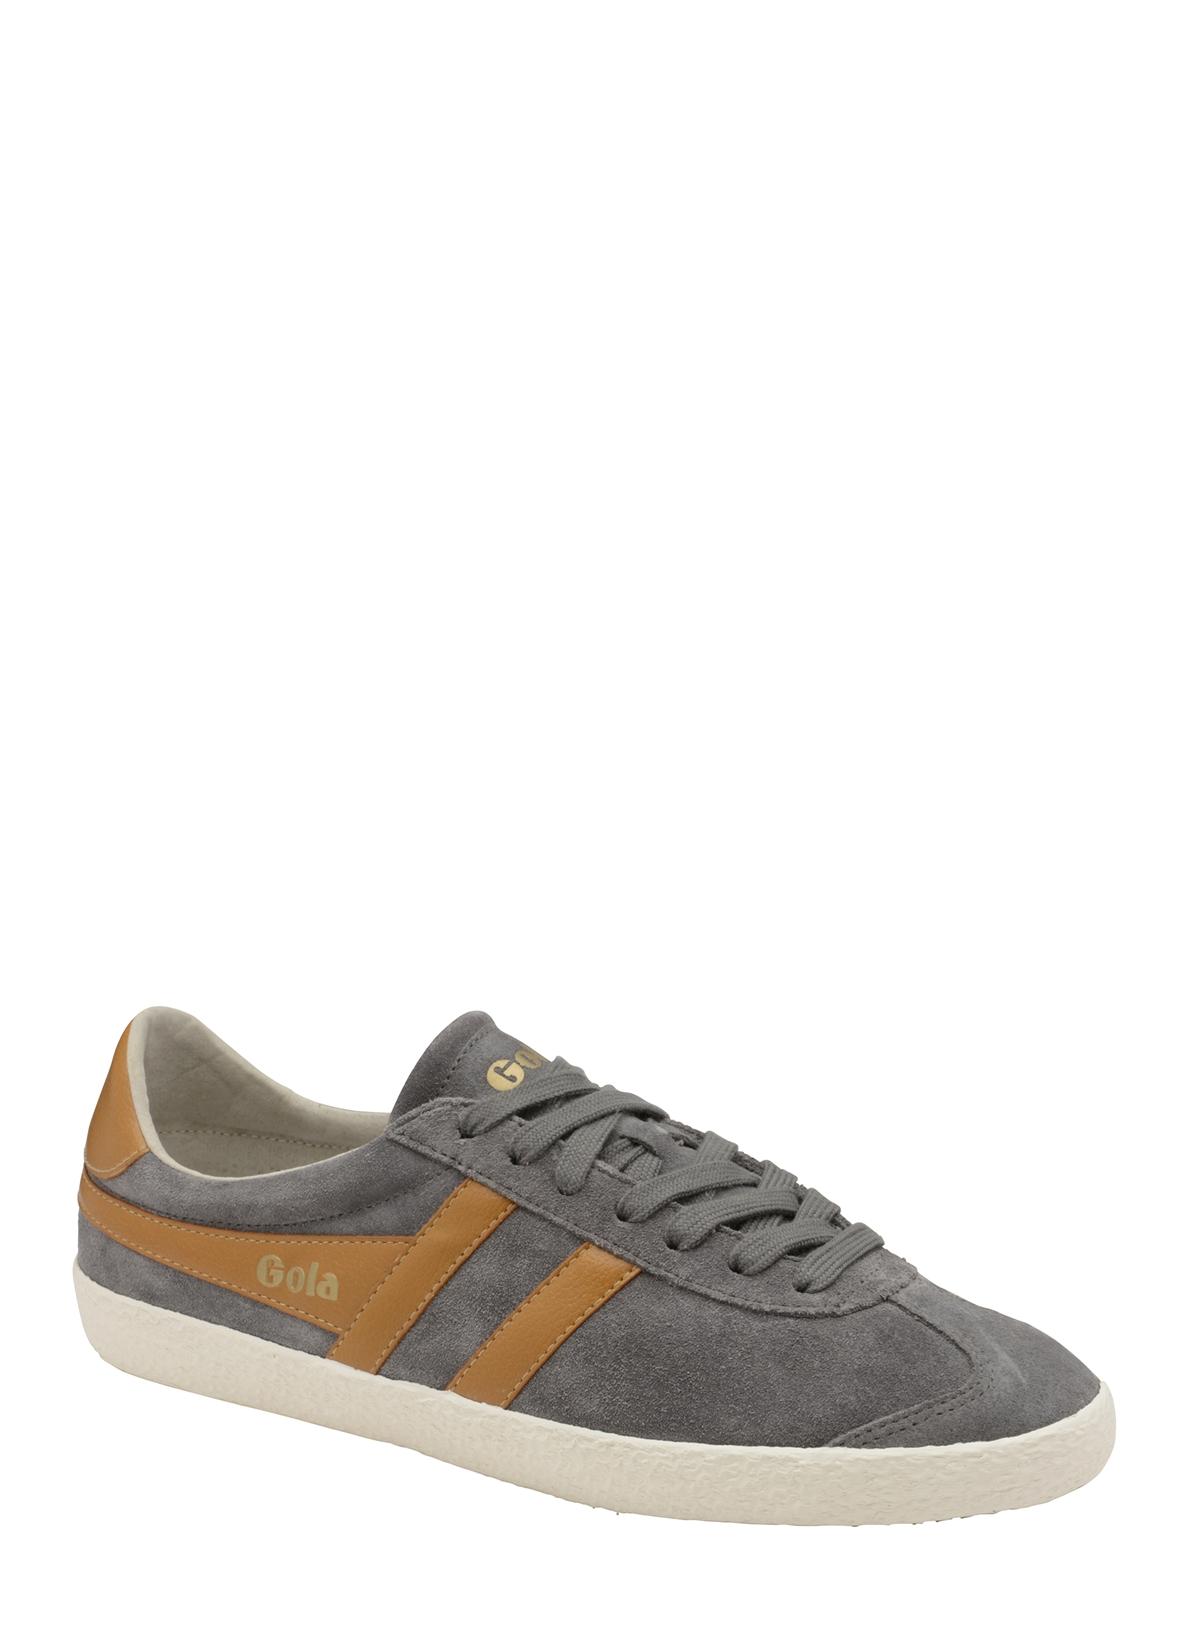 Gola Bağcıklı Lifestyle Ayakkabı 43 5002362424003 Ürün Resmi